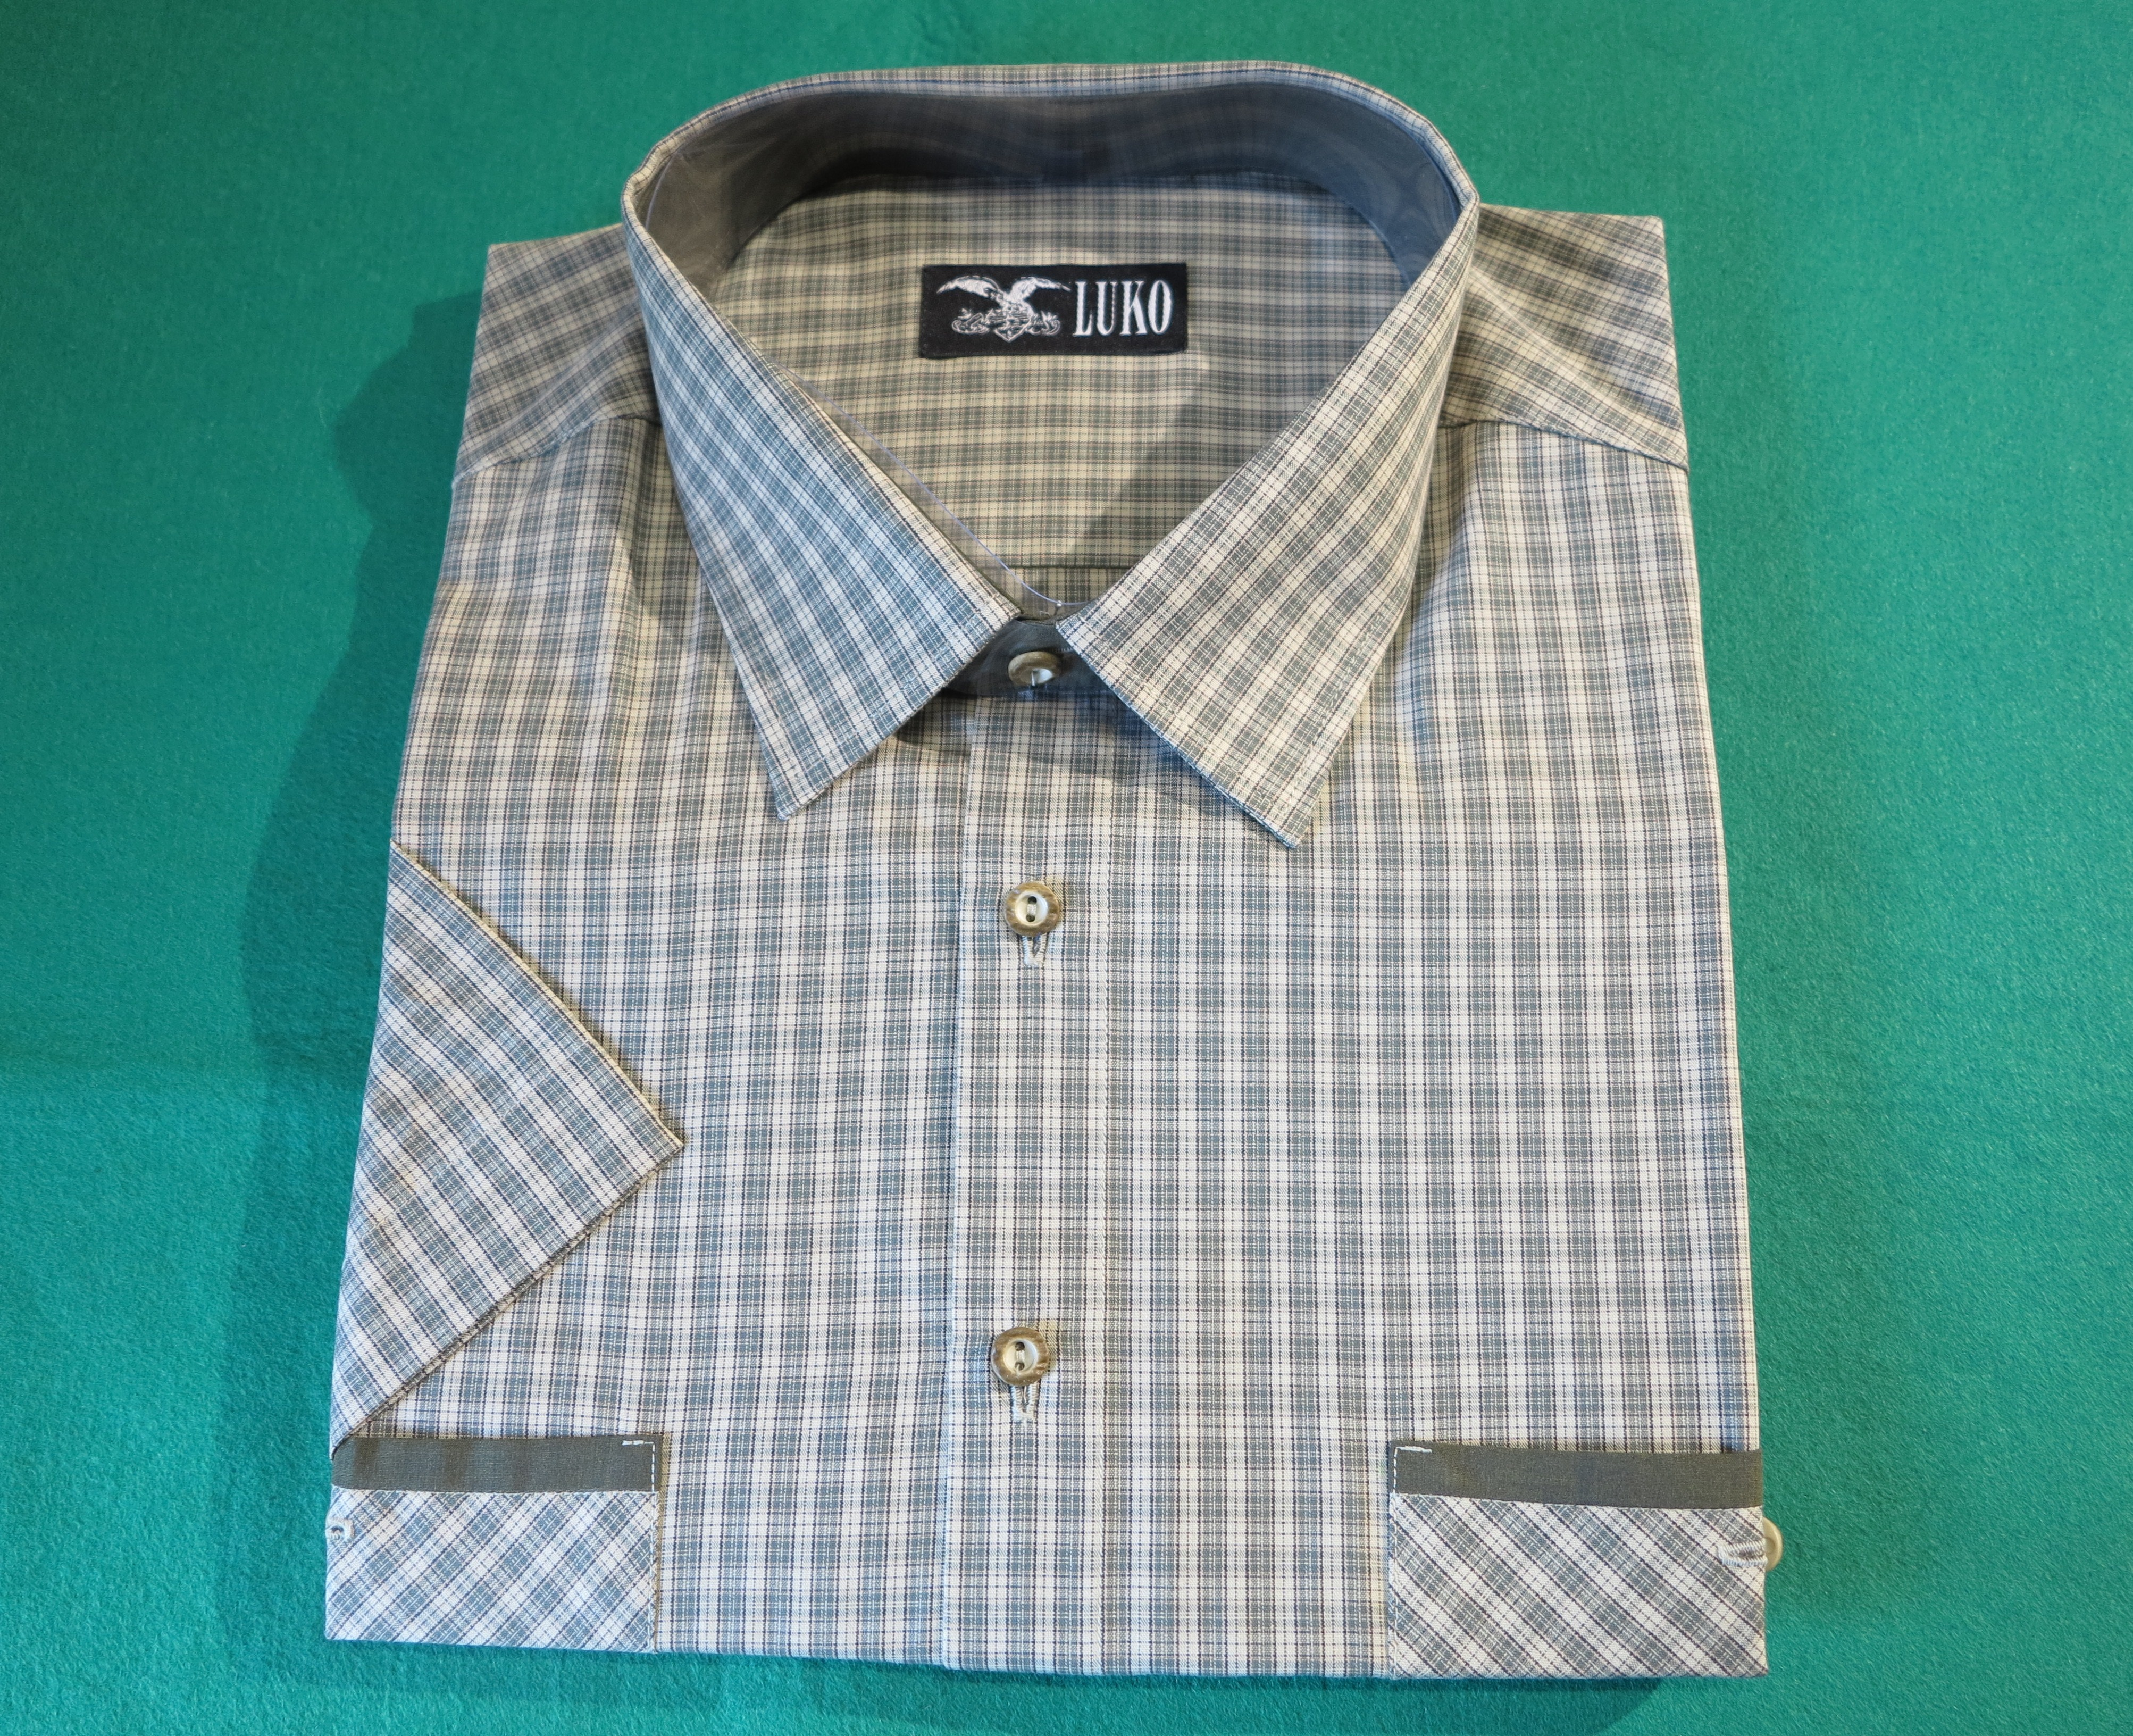 7dcccb46da6 Pánská košile Luko 134126 krátký rukáv vel.41 - Myslivecké a lovecké ...